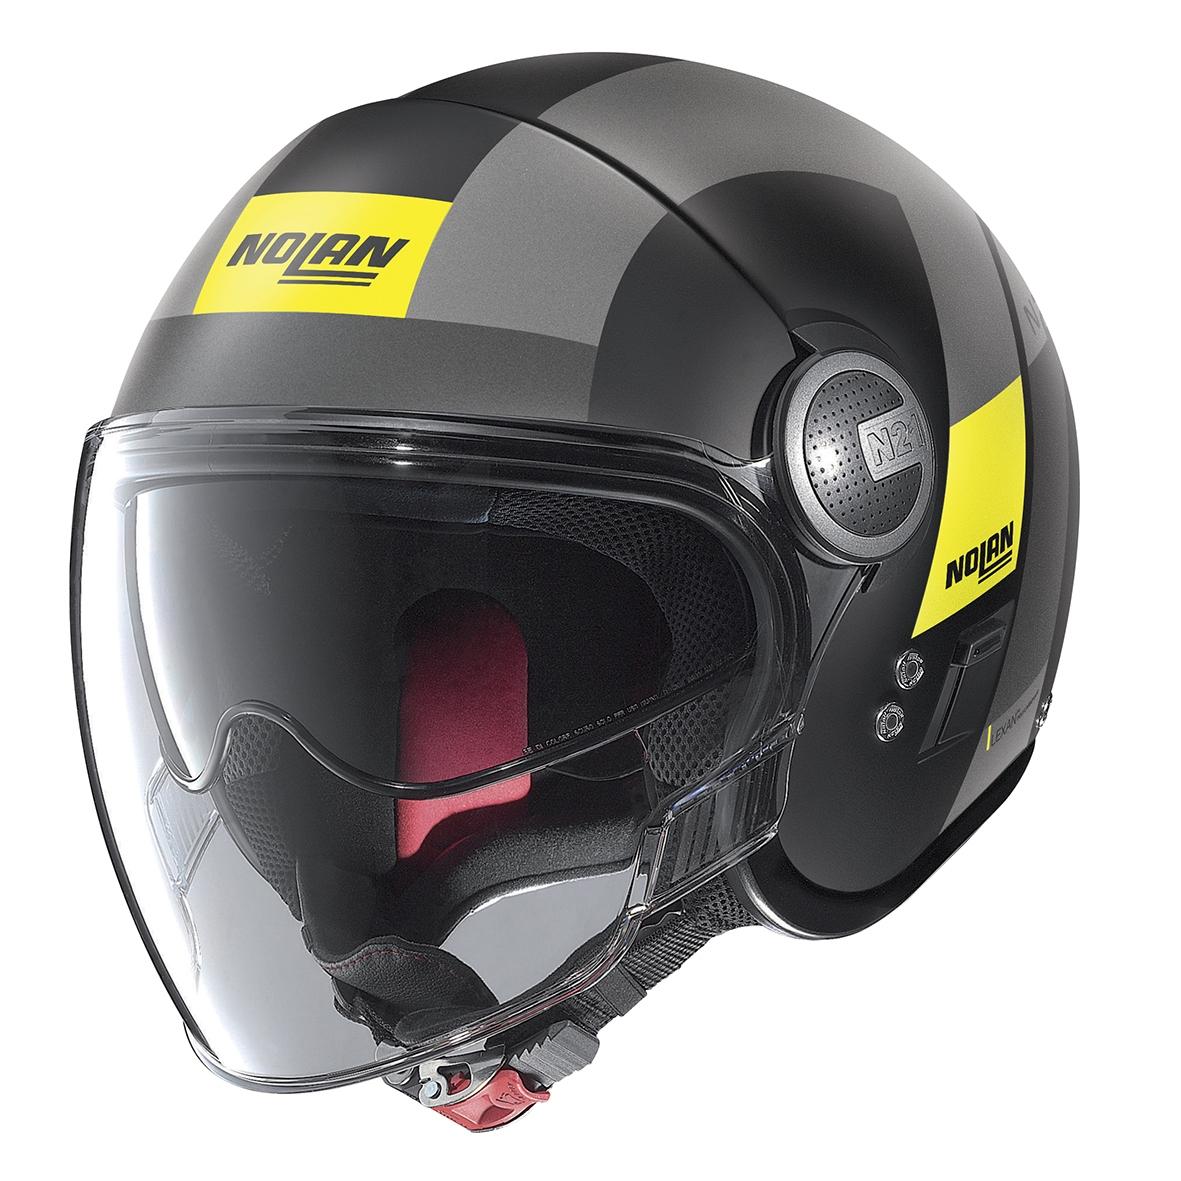 Moto helma Nolan N21 Visor Spheroid Flat Black 49